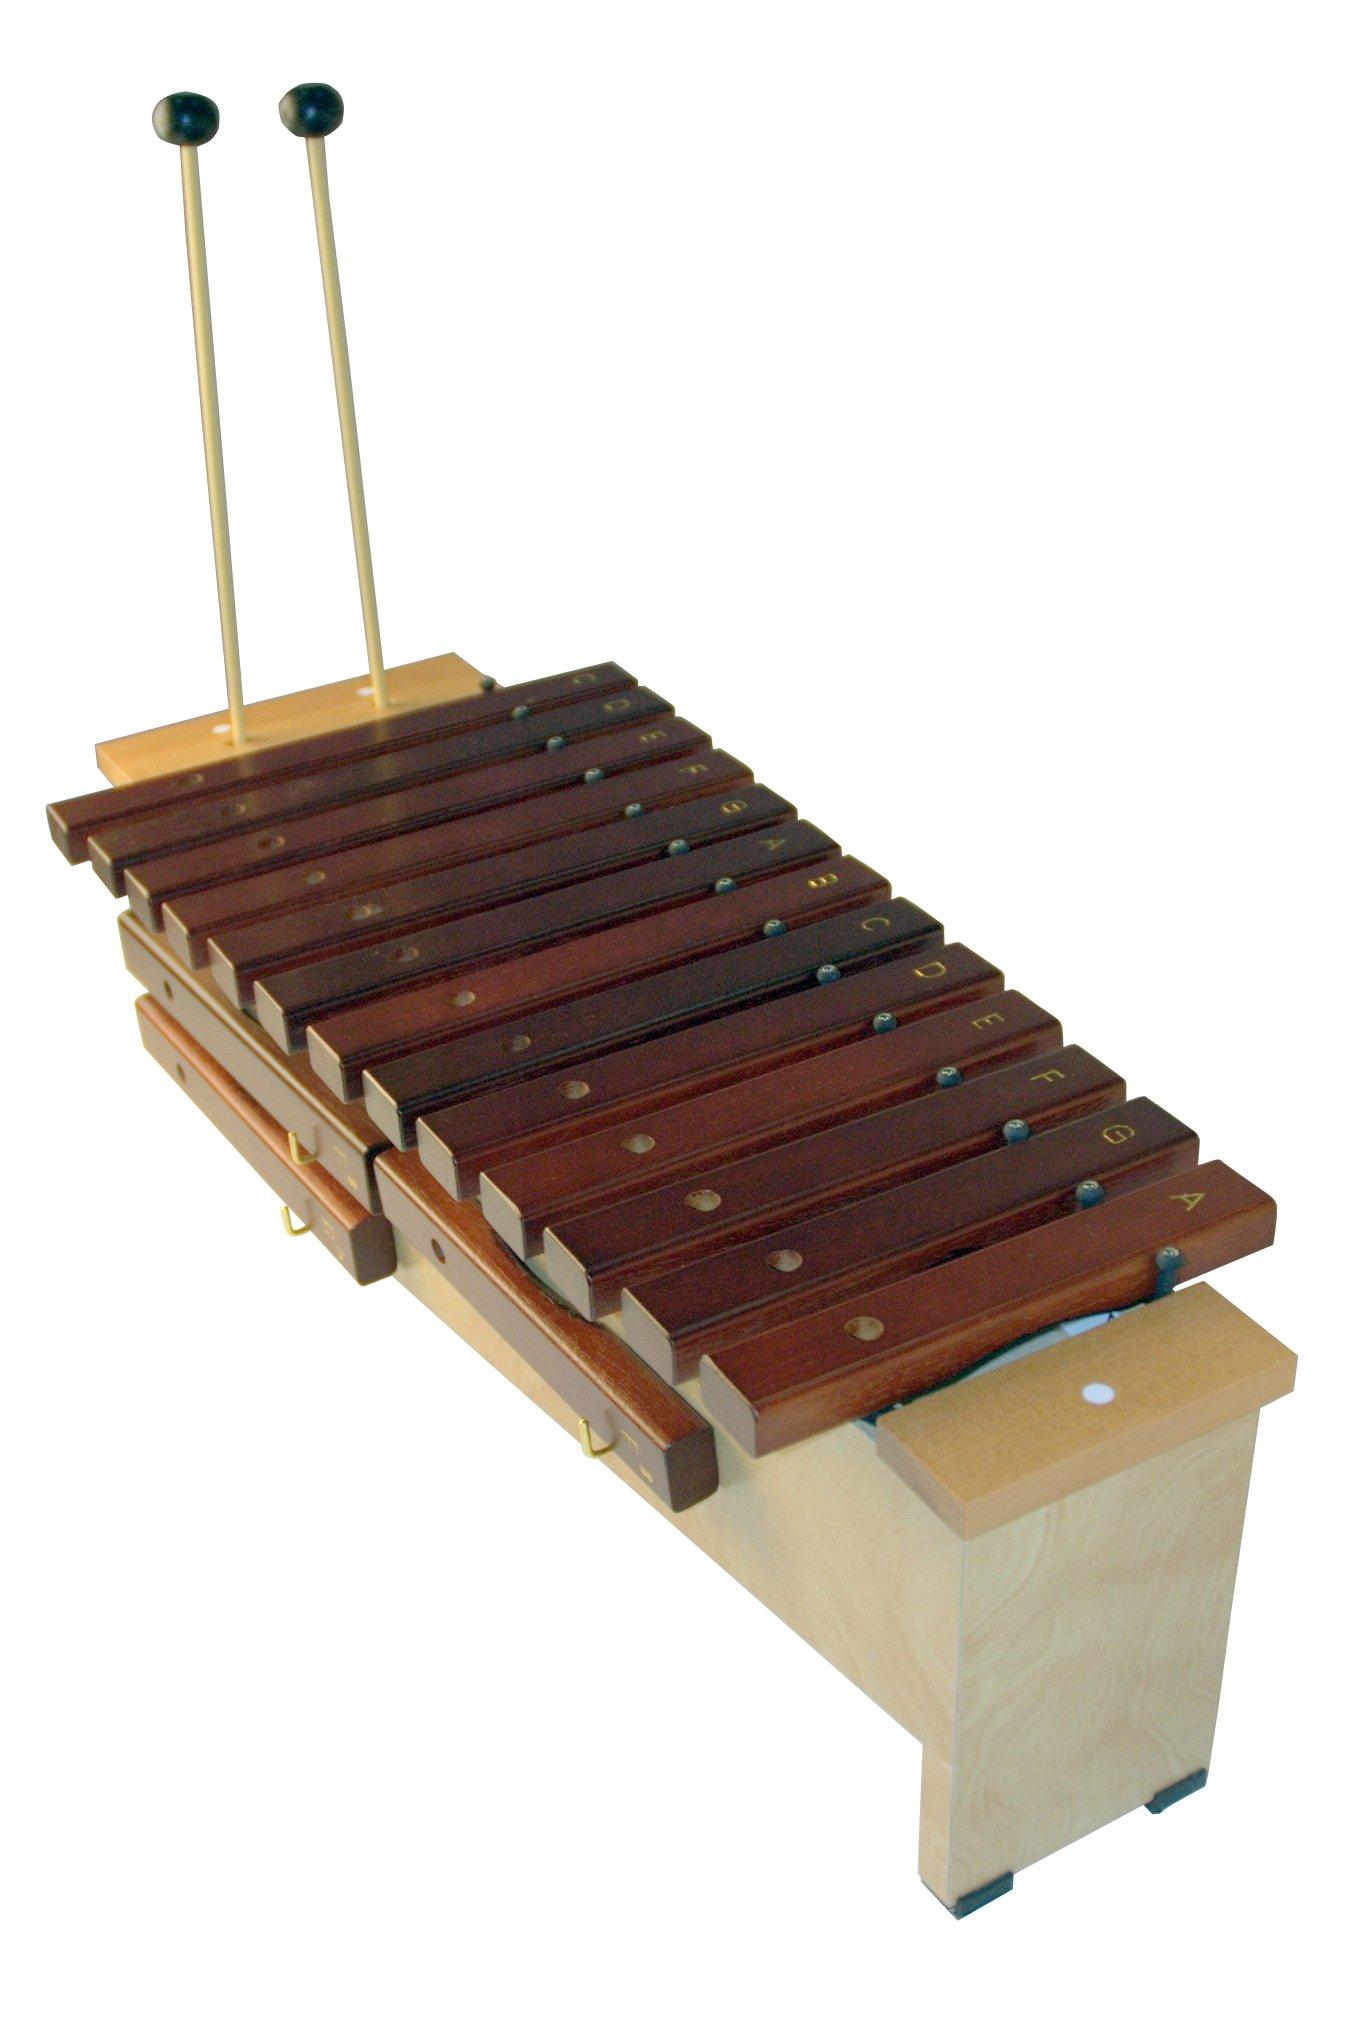 Suzuki Musical Instrument Corporation SX-200 Soprano Xylophone by Suzuki Music